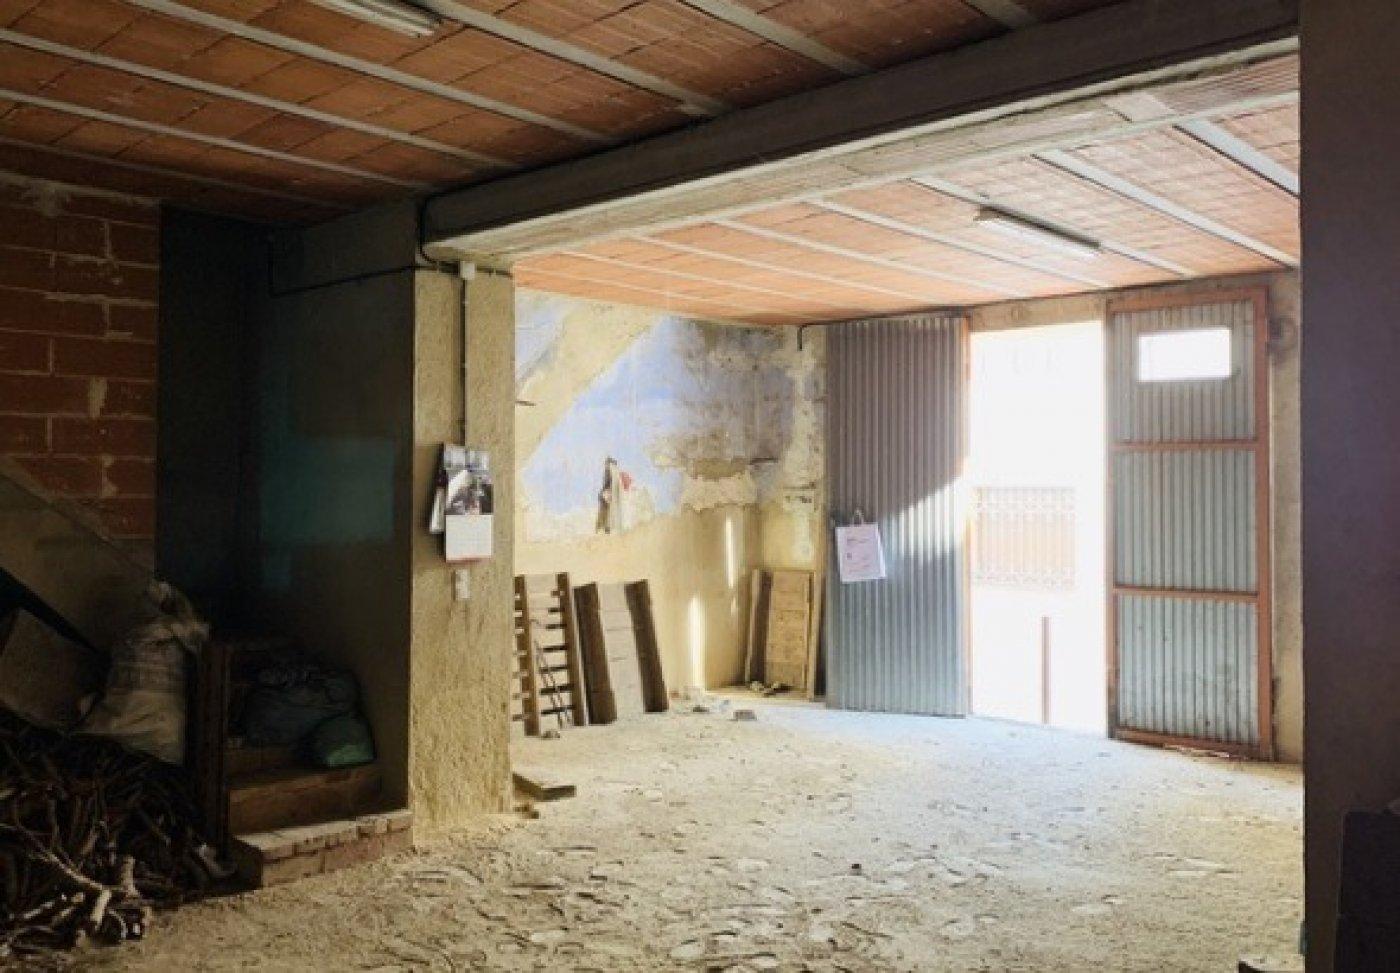 Casa almacén solar a rehabilitar en vendrell centro - imagenInmueble4